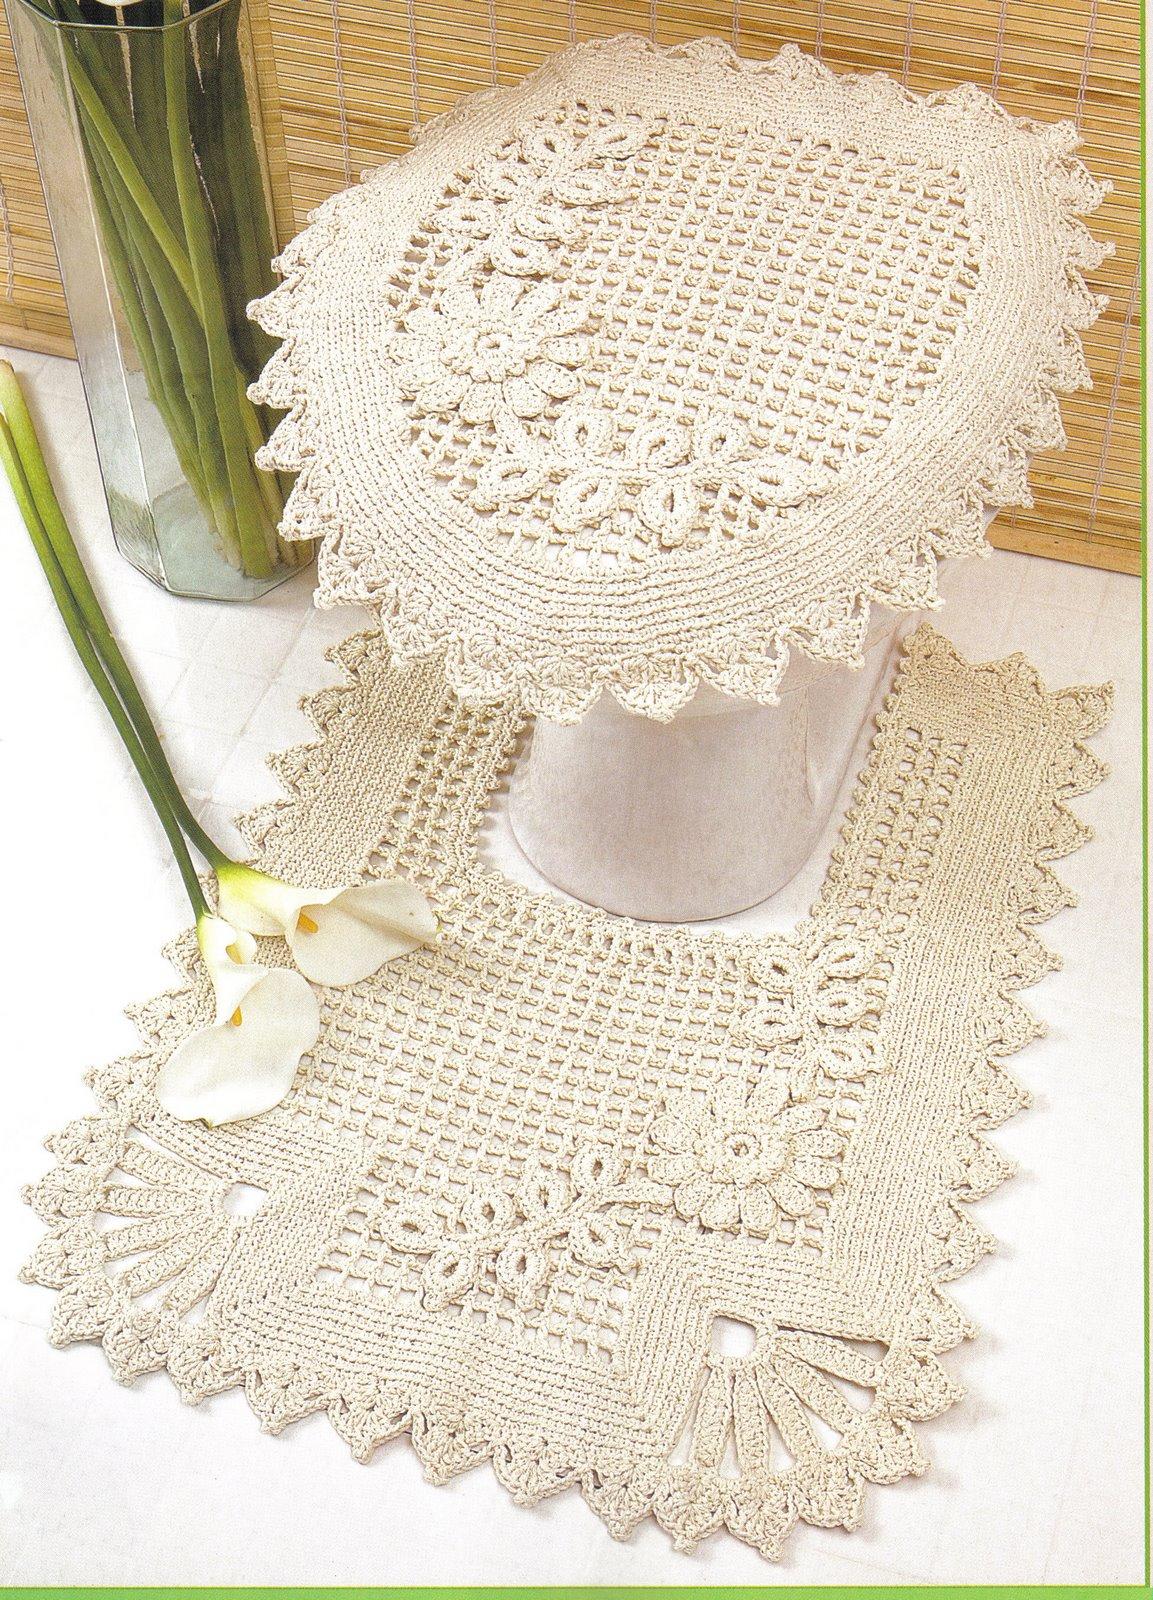 Wanda Arte em Crochê: Jogos de Banheiro #6D9932 1153 1600